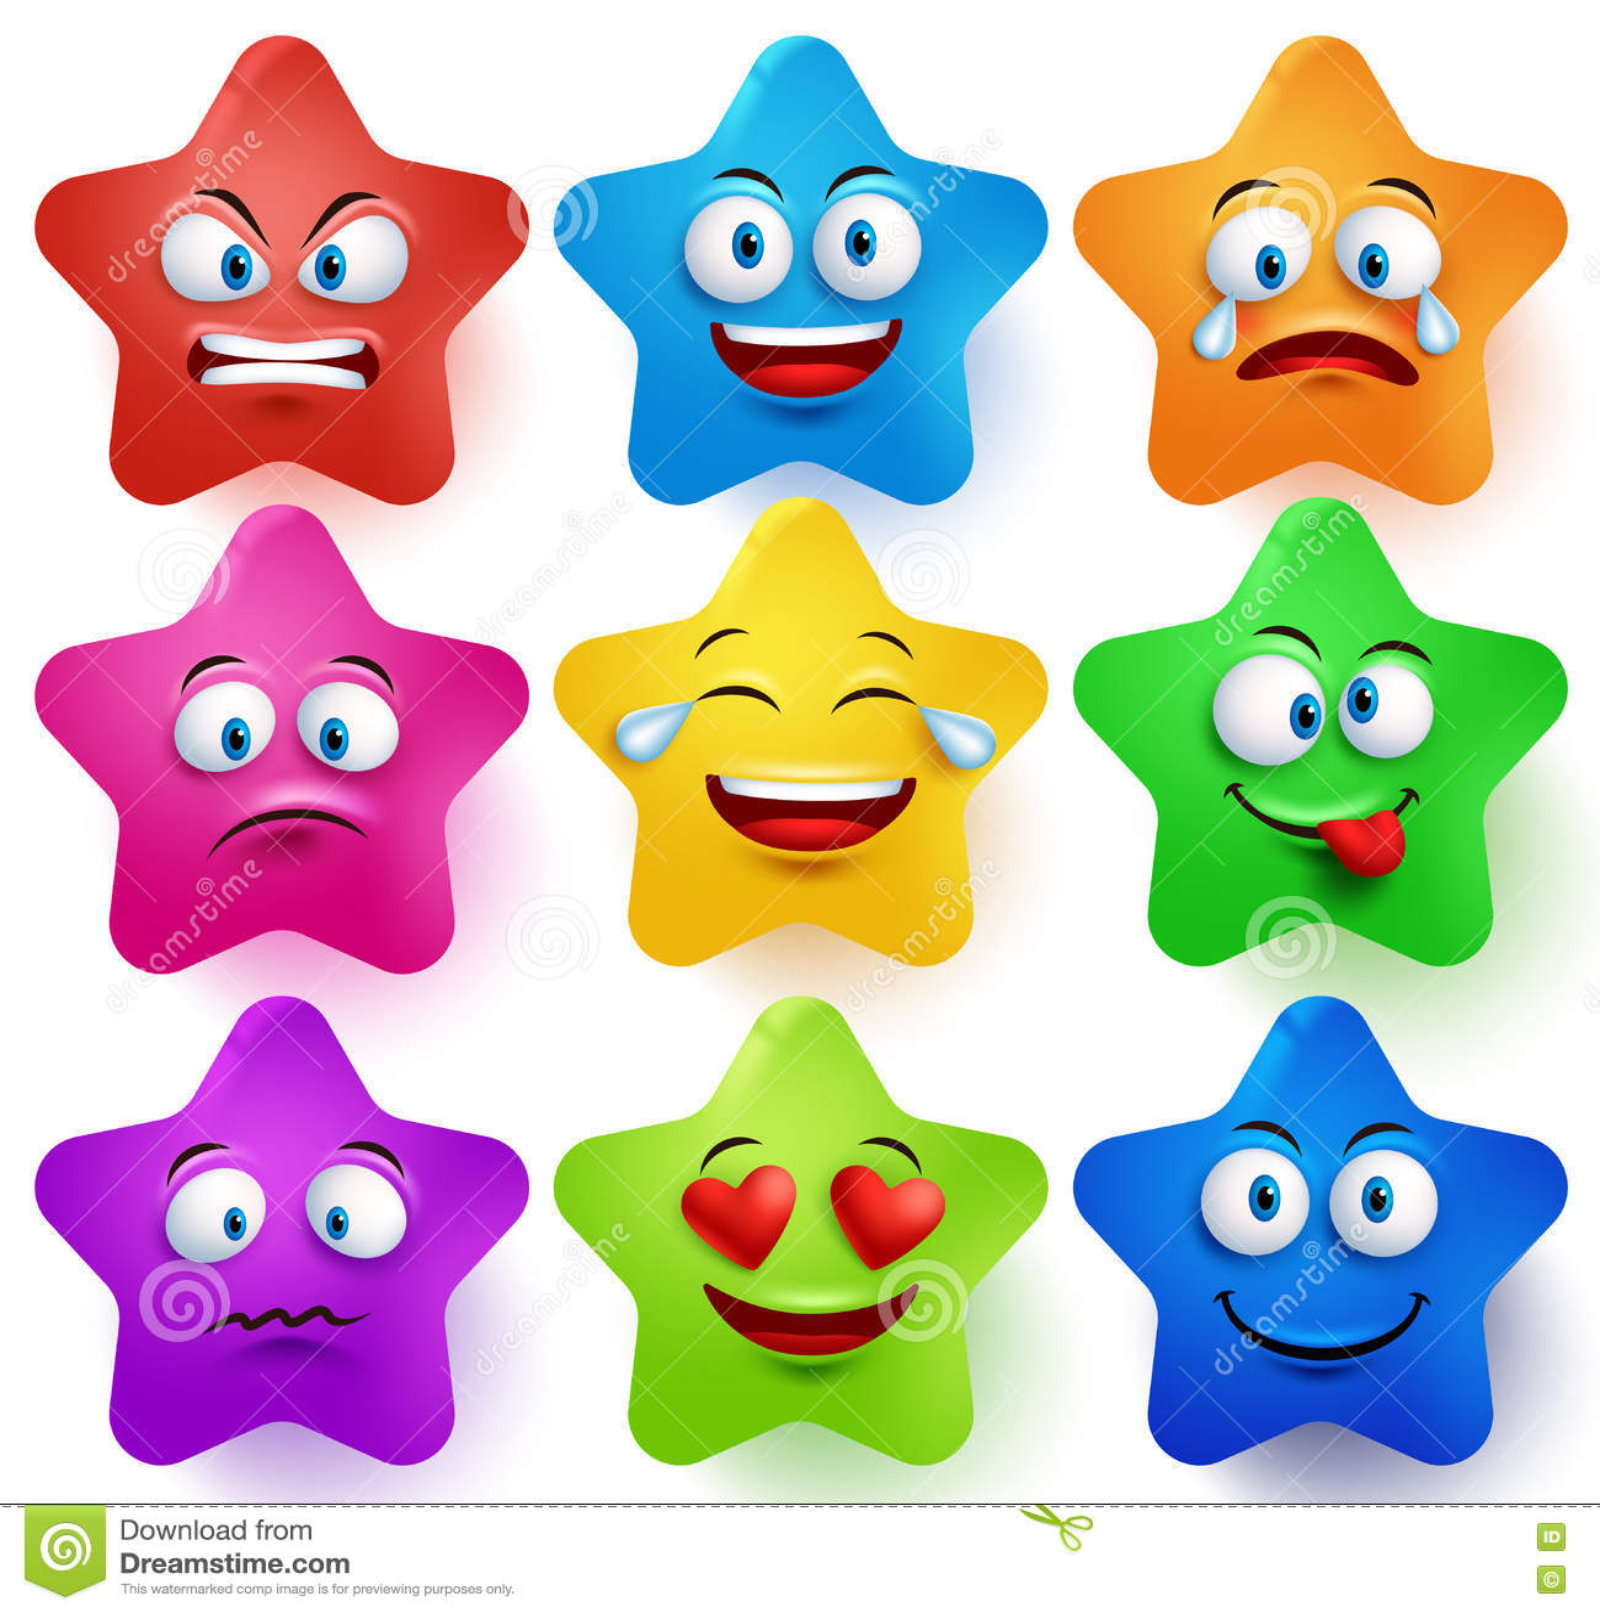 Star Faces Vector Set ...